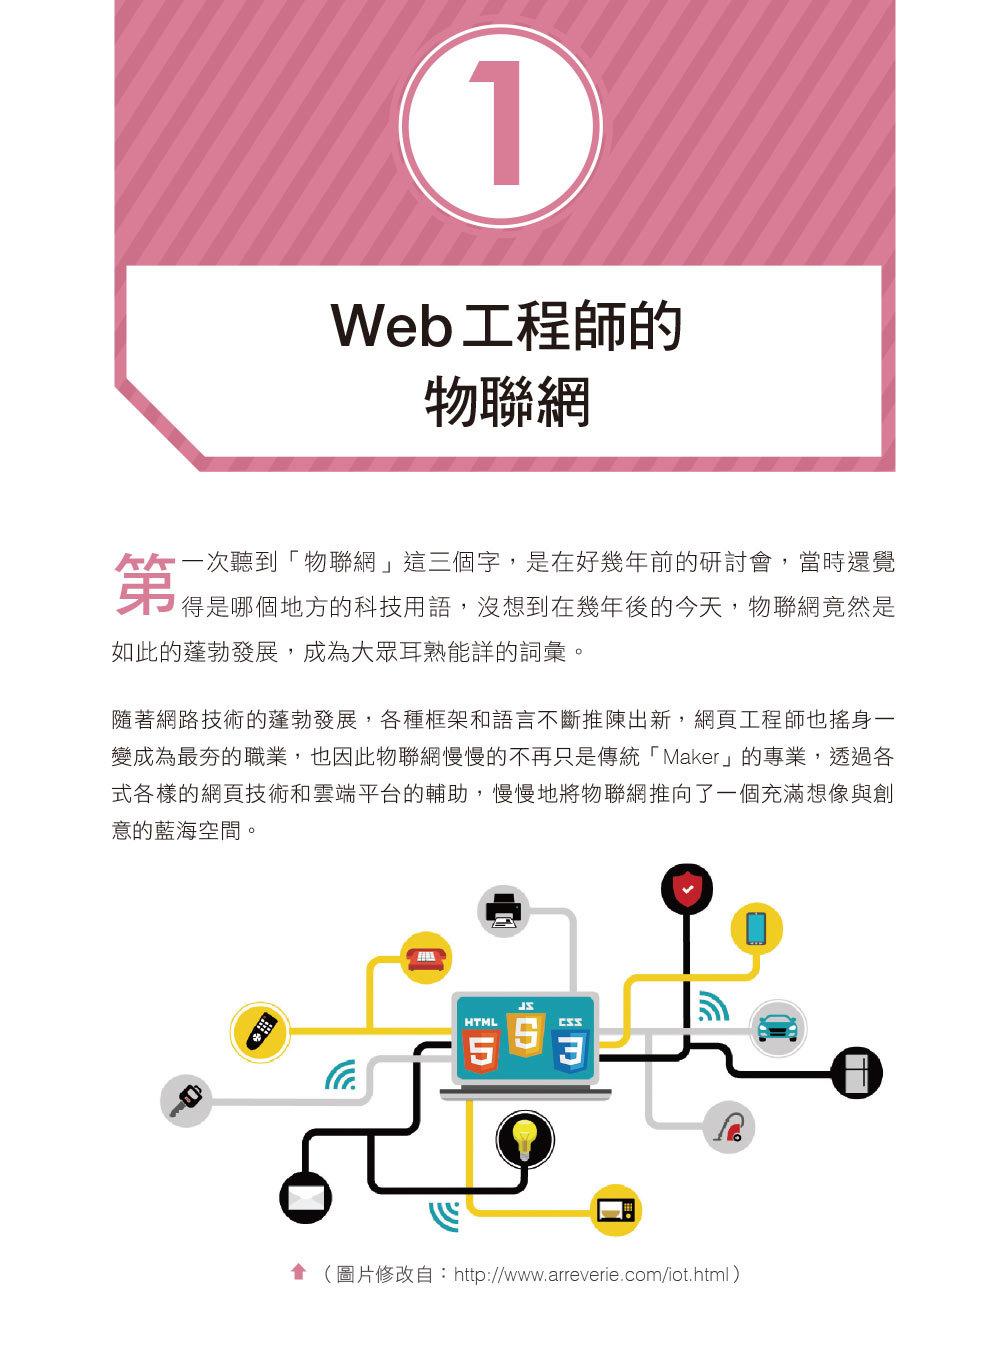 實戰家電物聯網|Webduino 智慧插座 x Node.js x 雲端服務整合-preview-1